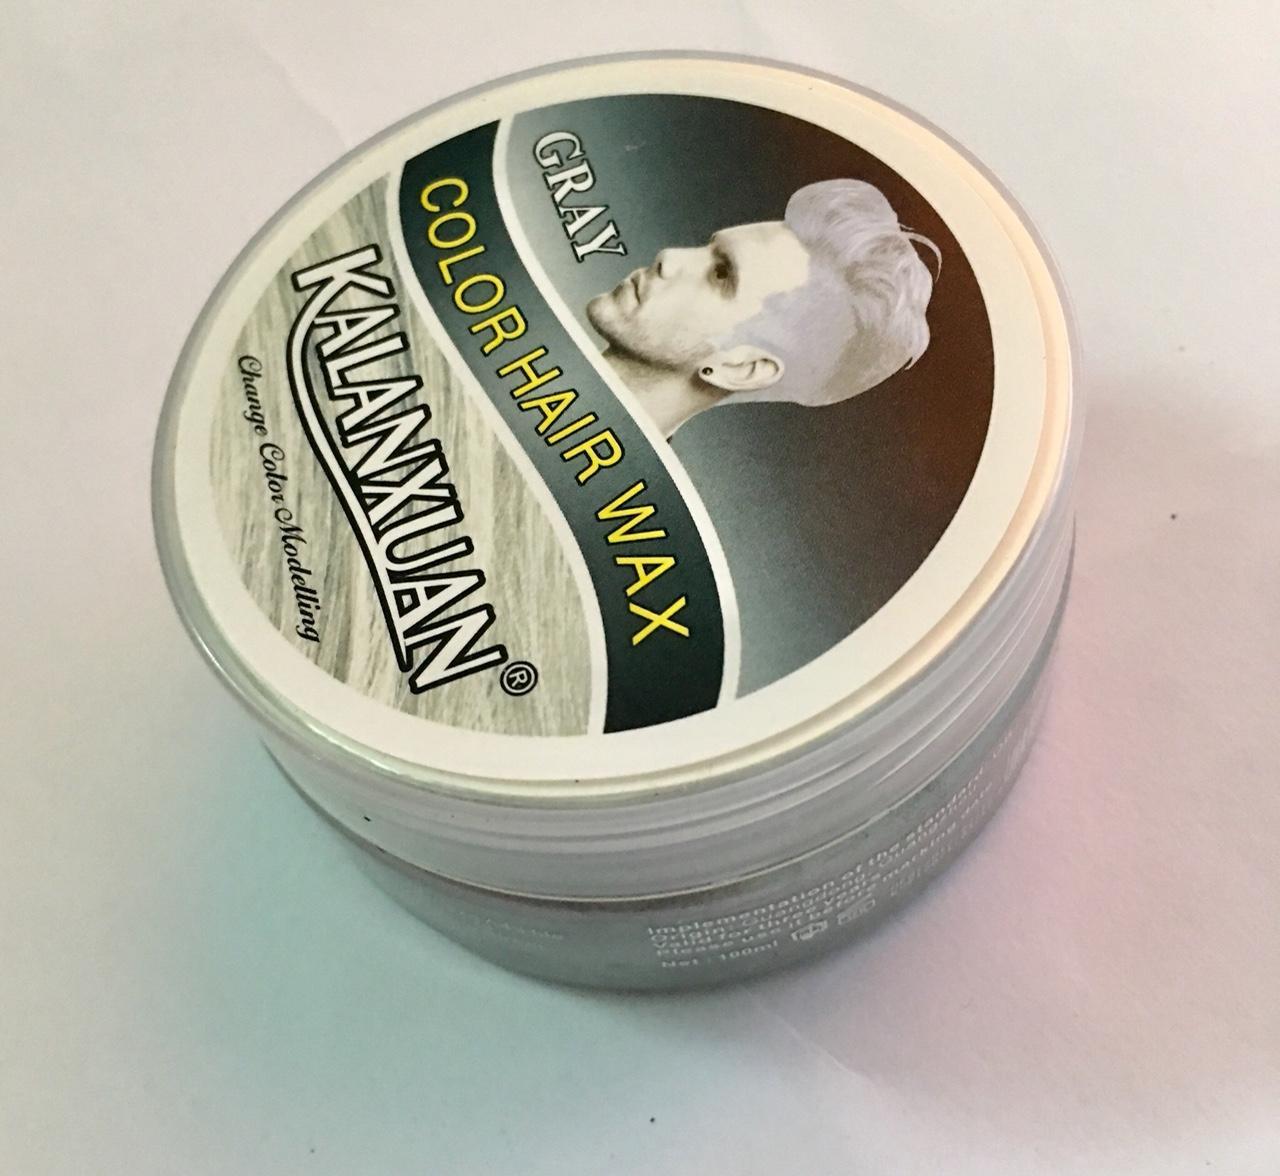 Sáp vuốt tóc tạo màu xám khói (Gray)